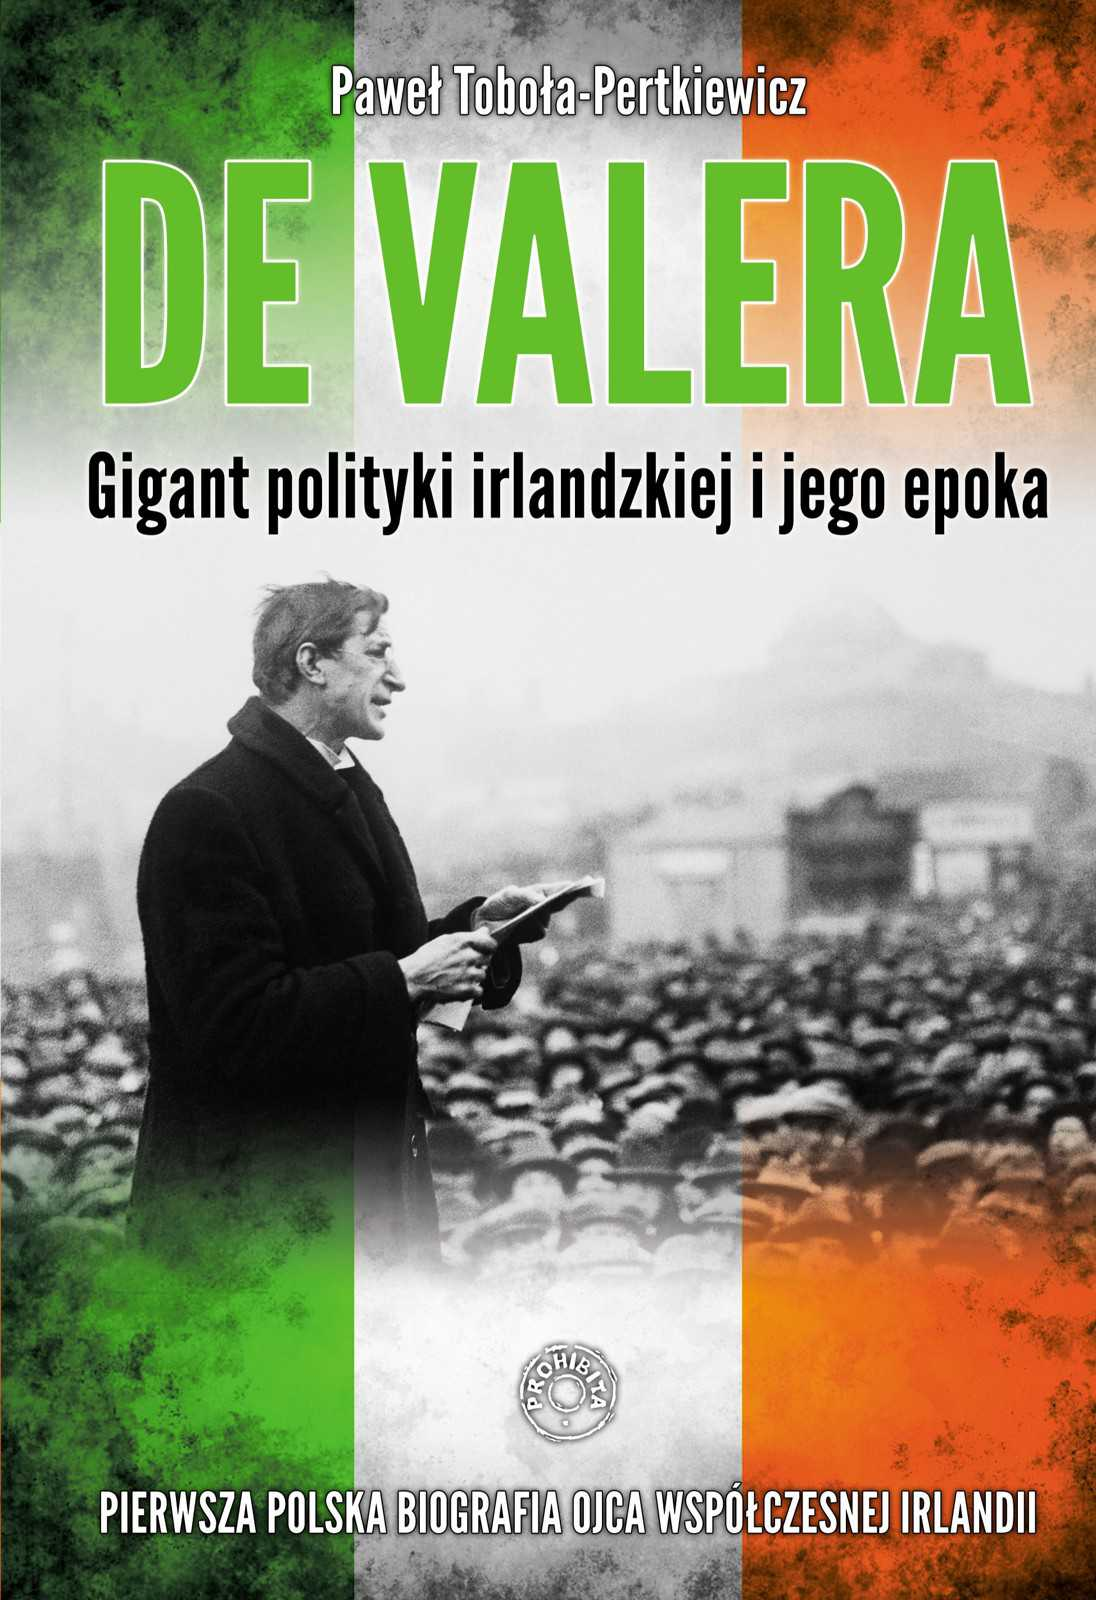 De Valera. Gigant polityki irlandzkiej i jego epoka - Ebook (Książka EPUB) do pobrania w formacie EPUB